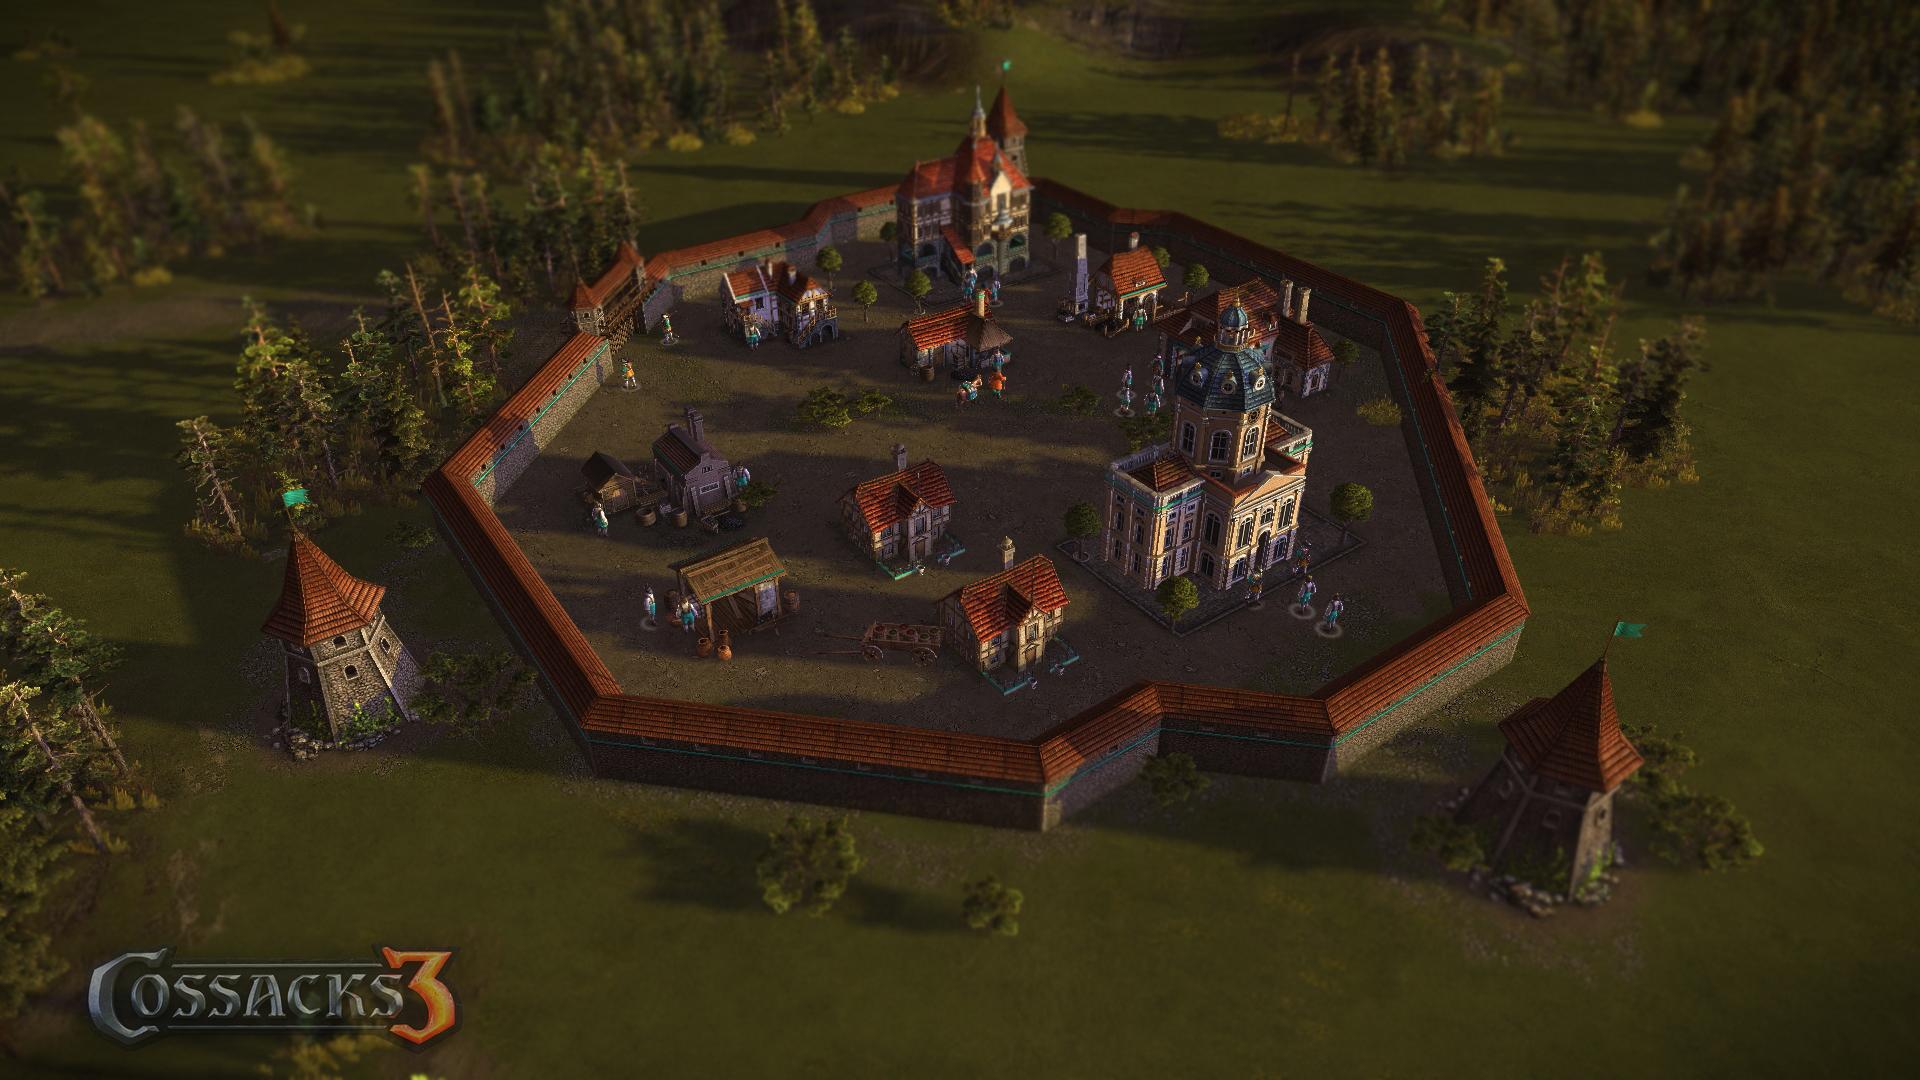 Cossacks 3 Steam скачать